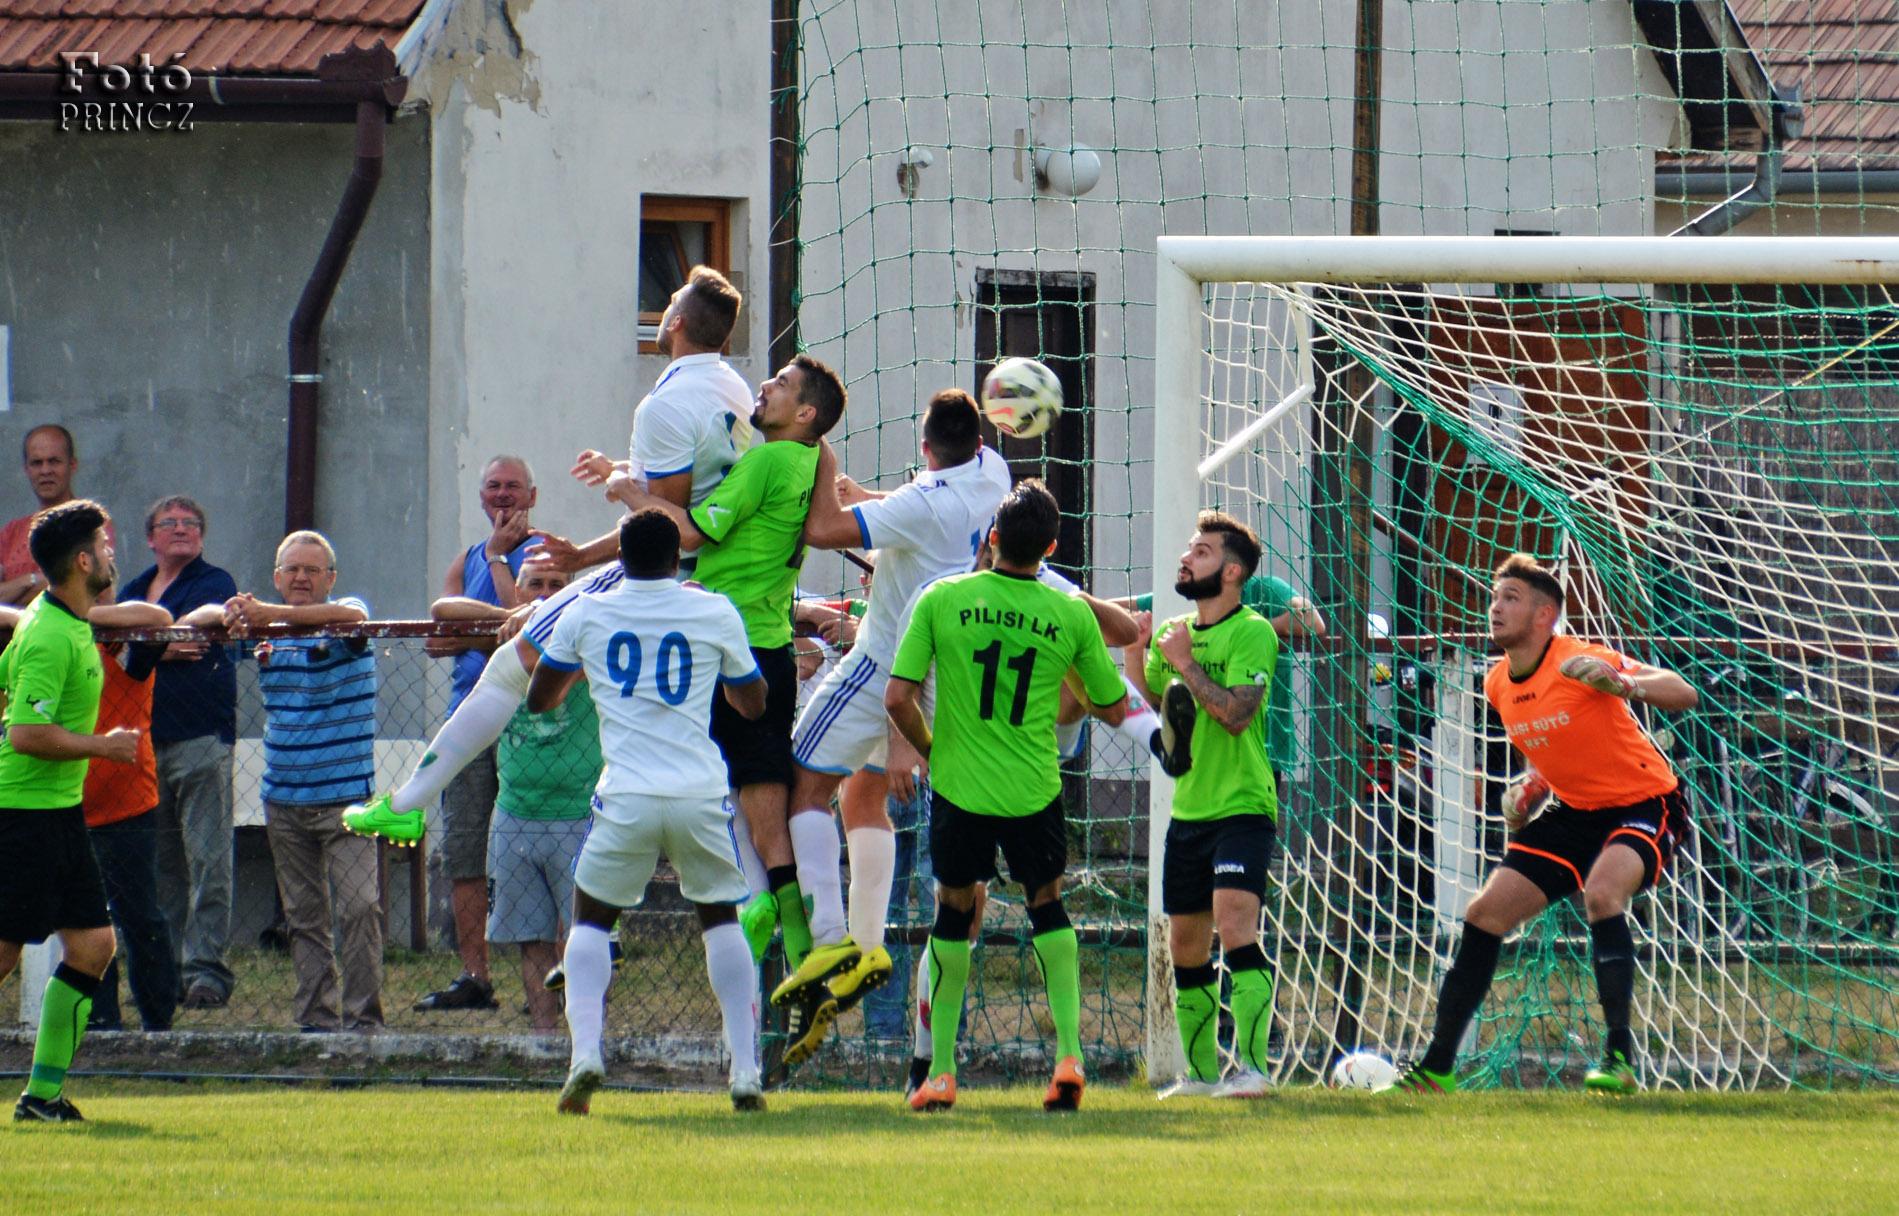 Megye I.o. Pilisi LK-Legenda Sport Nagykőrösi Kinizsi FC